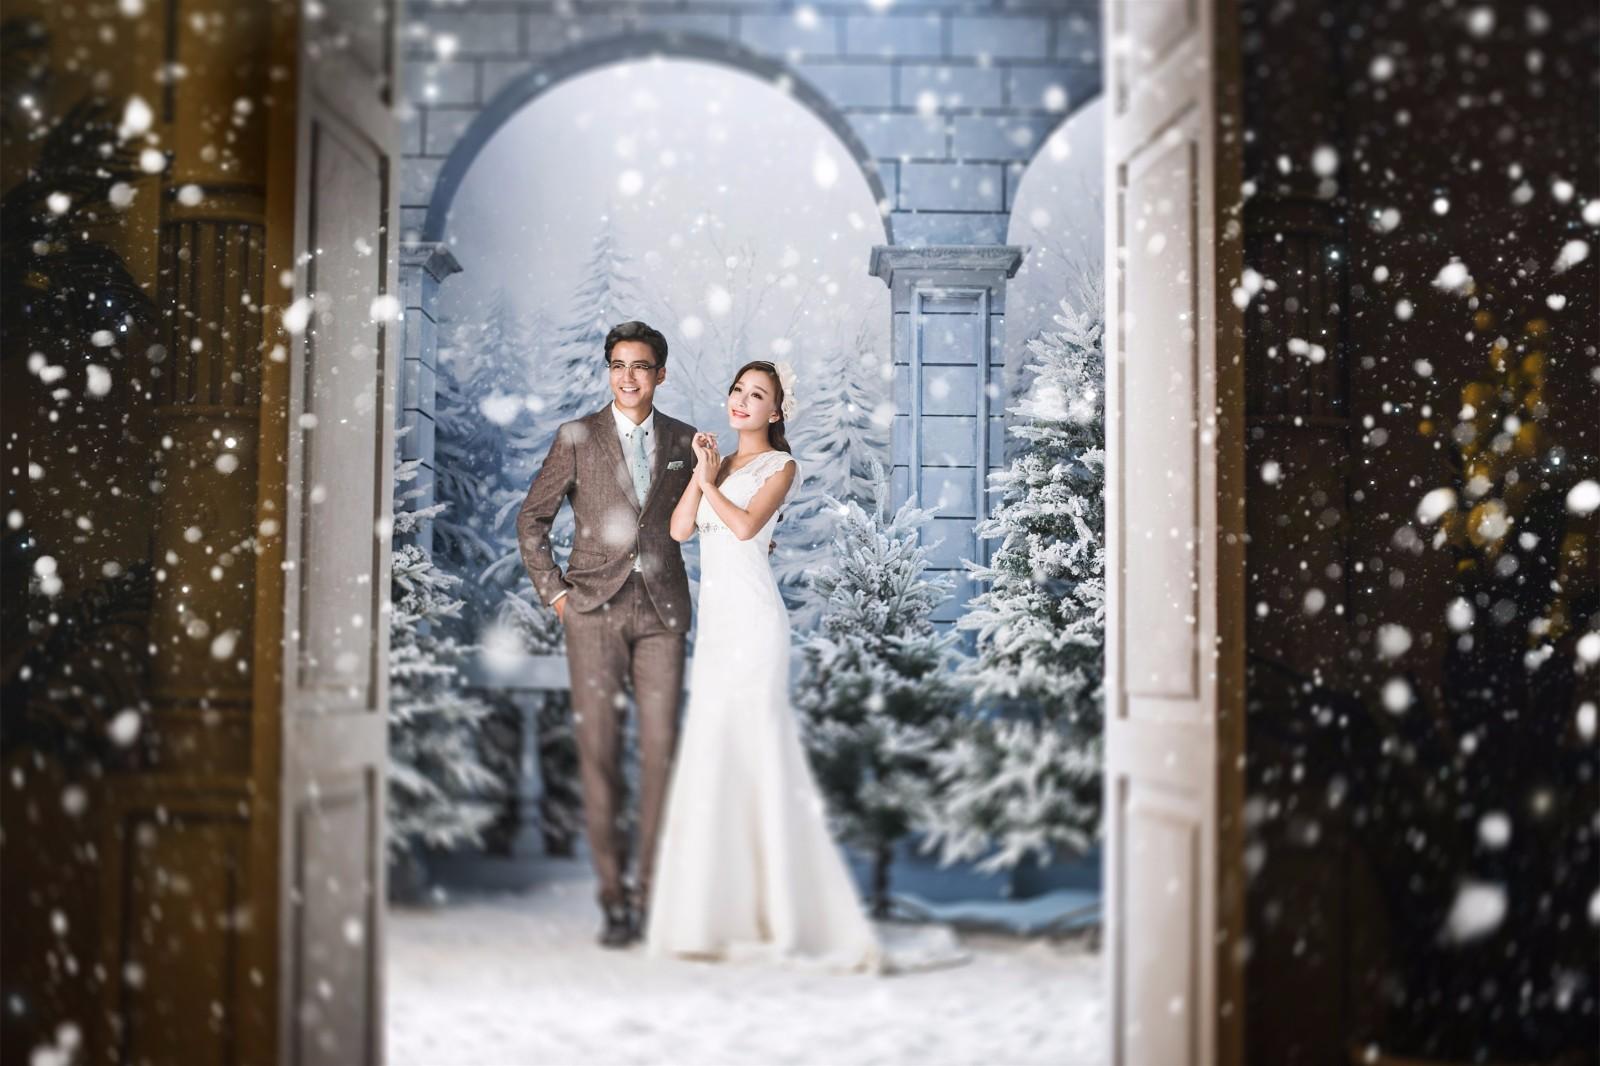 婚假多少天,国家规定放多少天?